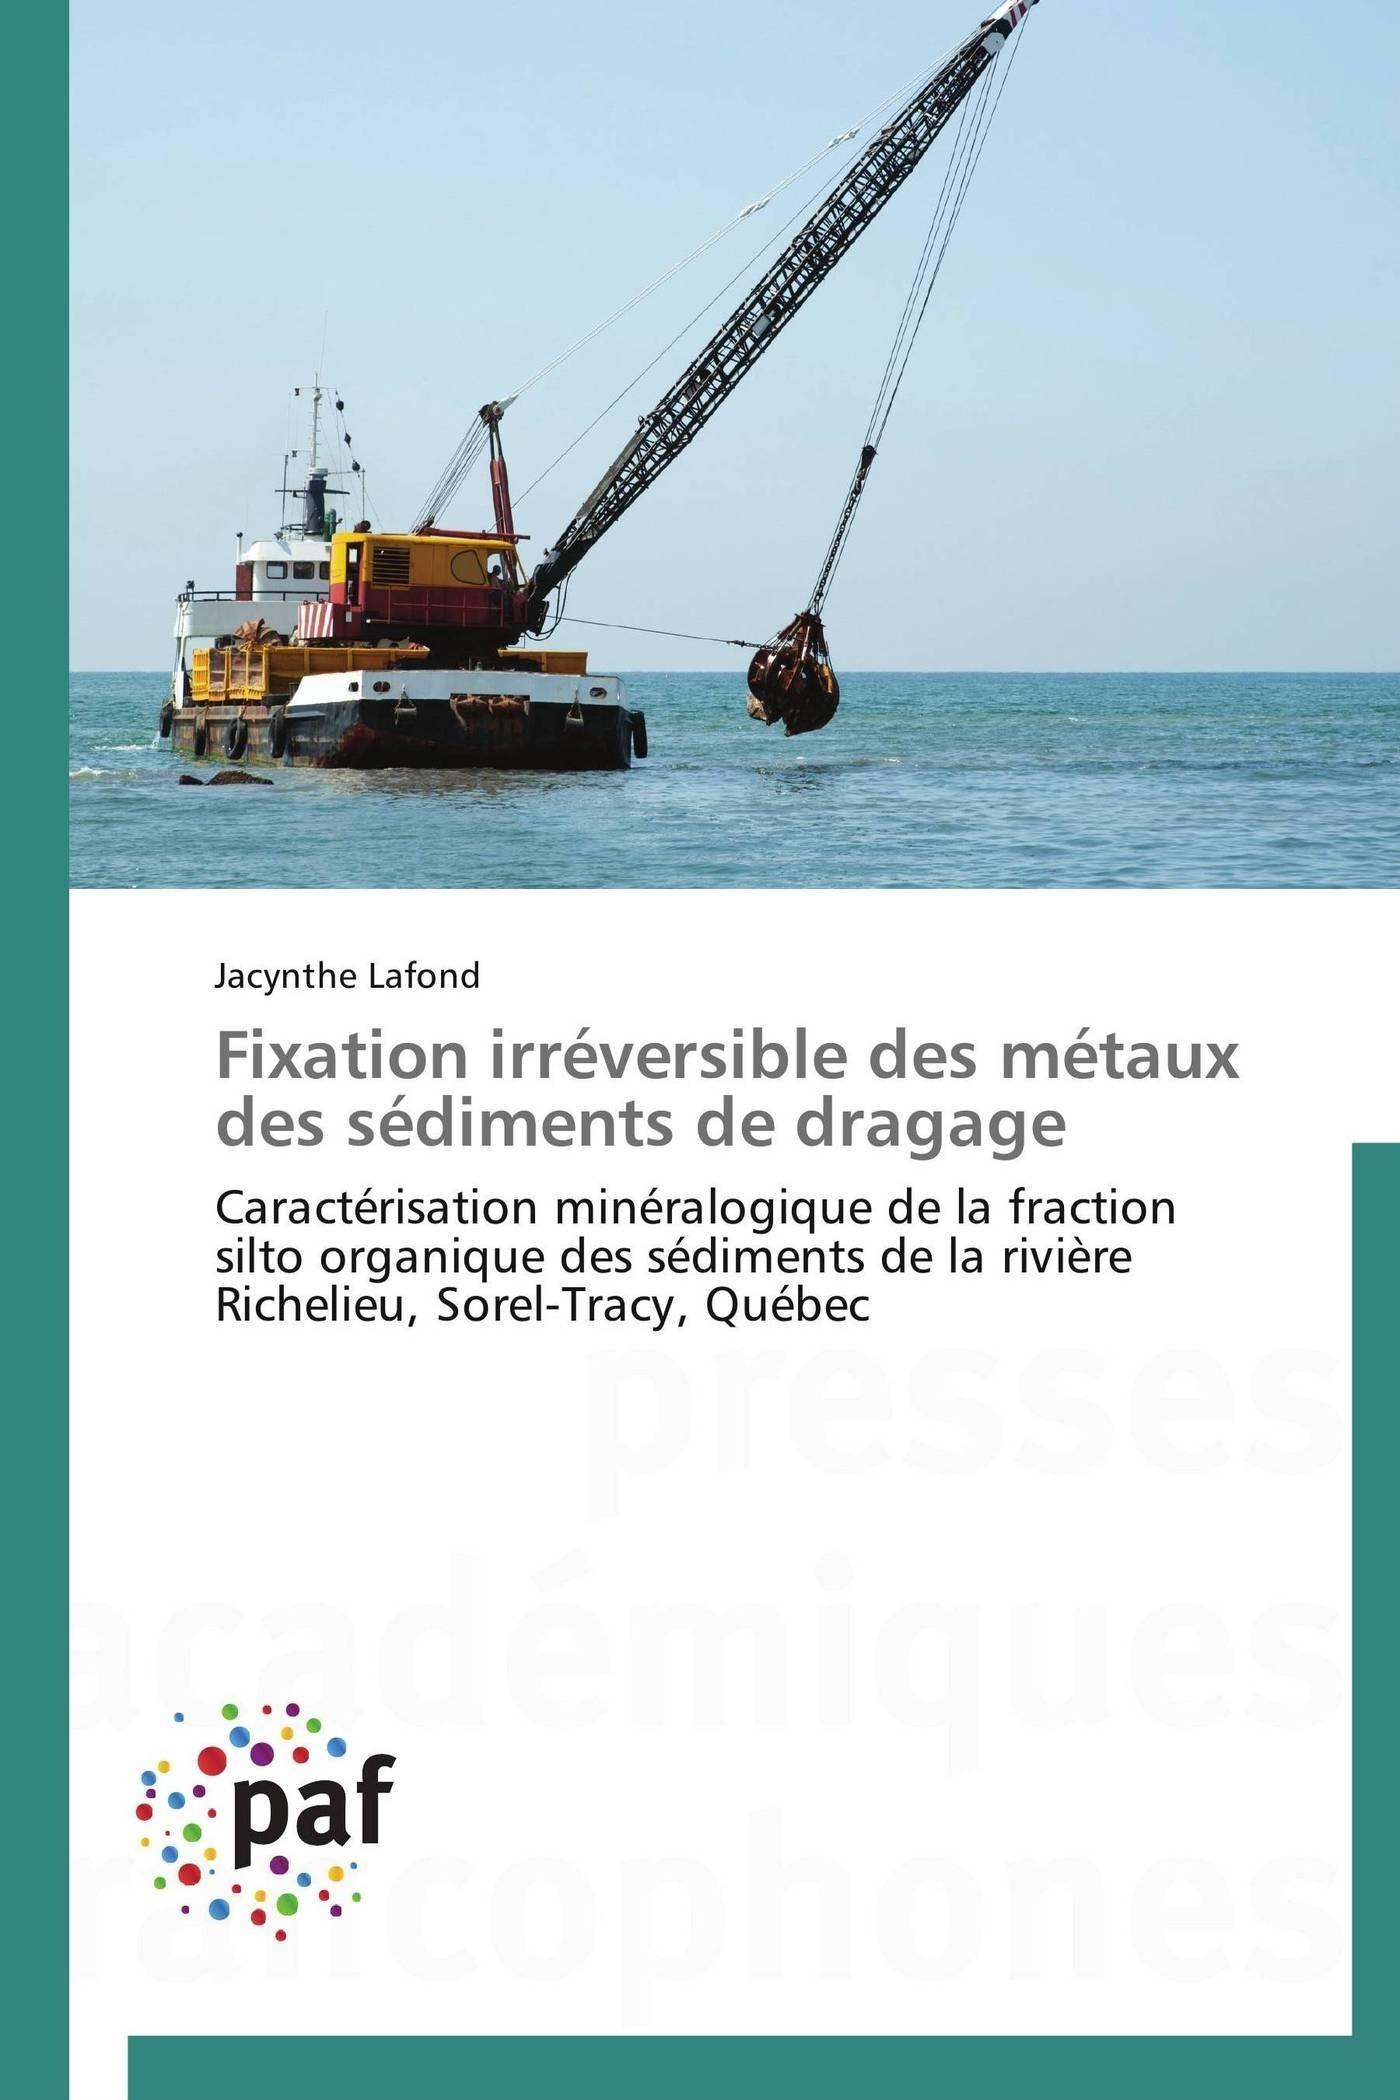 FIXATION IRREVERSIBLE DES METAUX DES SEDIMENTS DE DRAGAGE